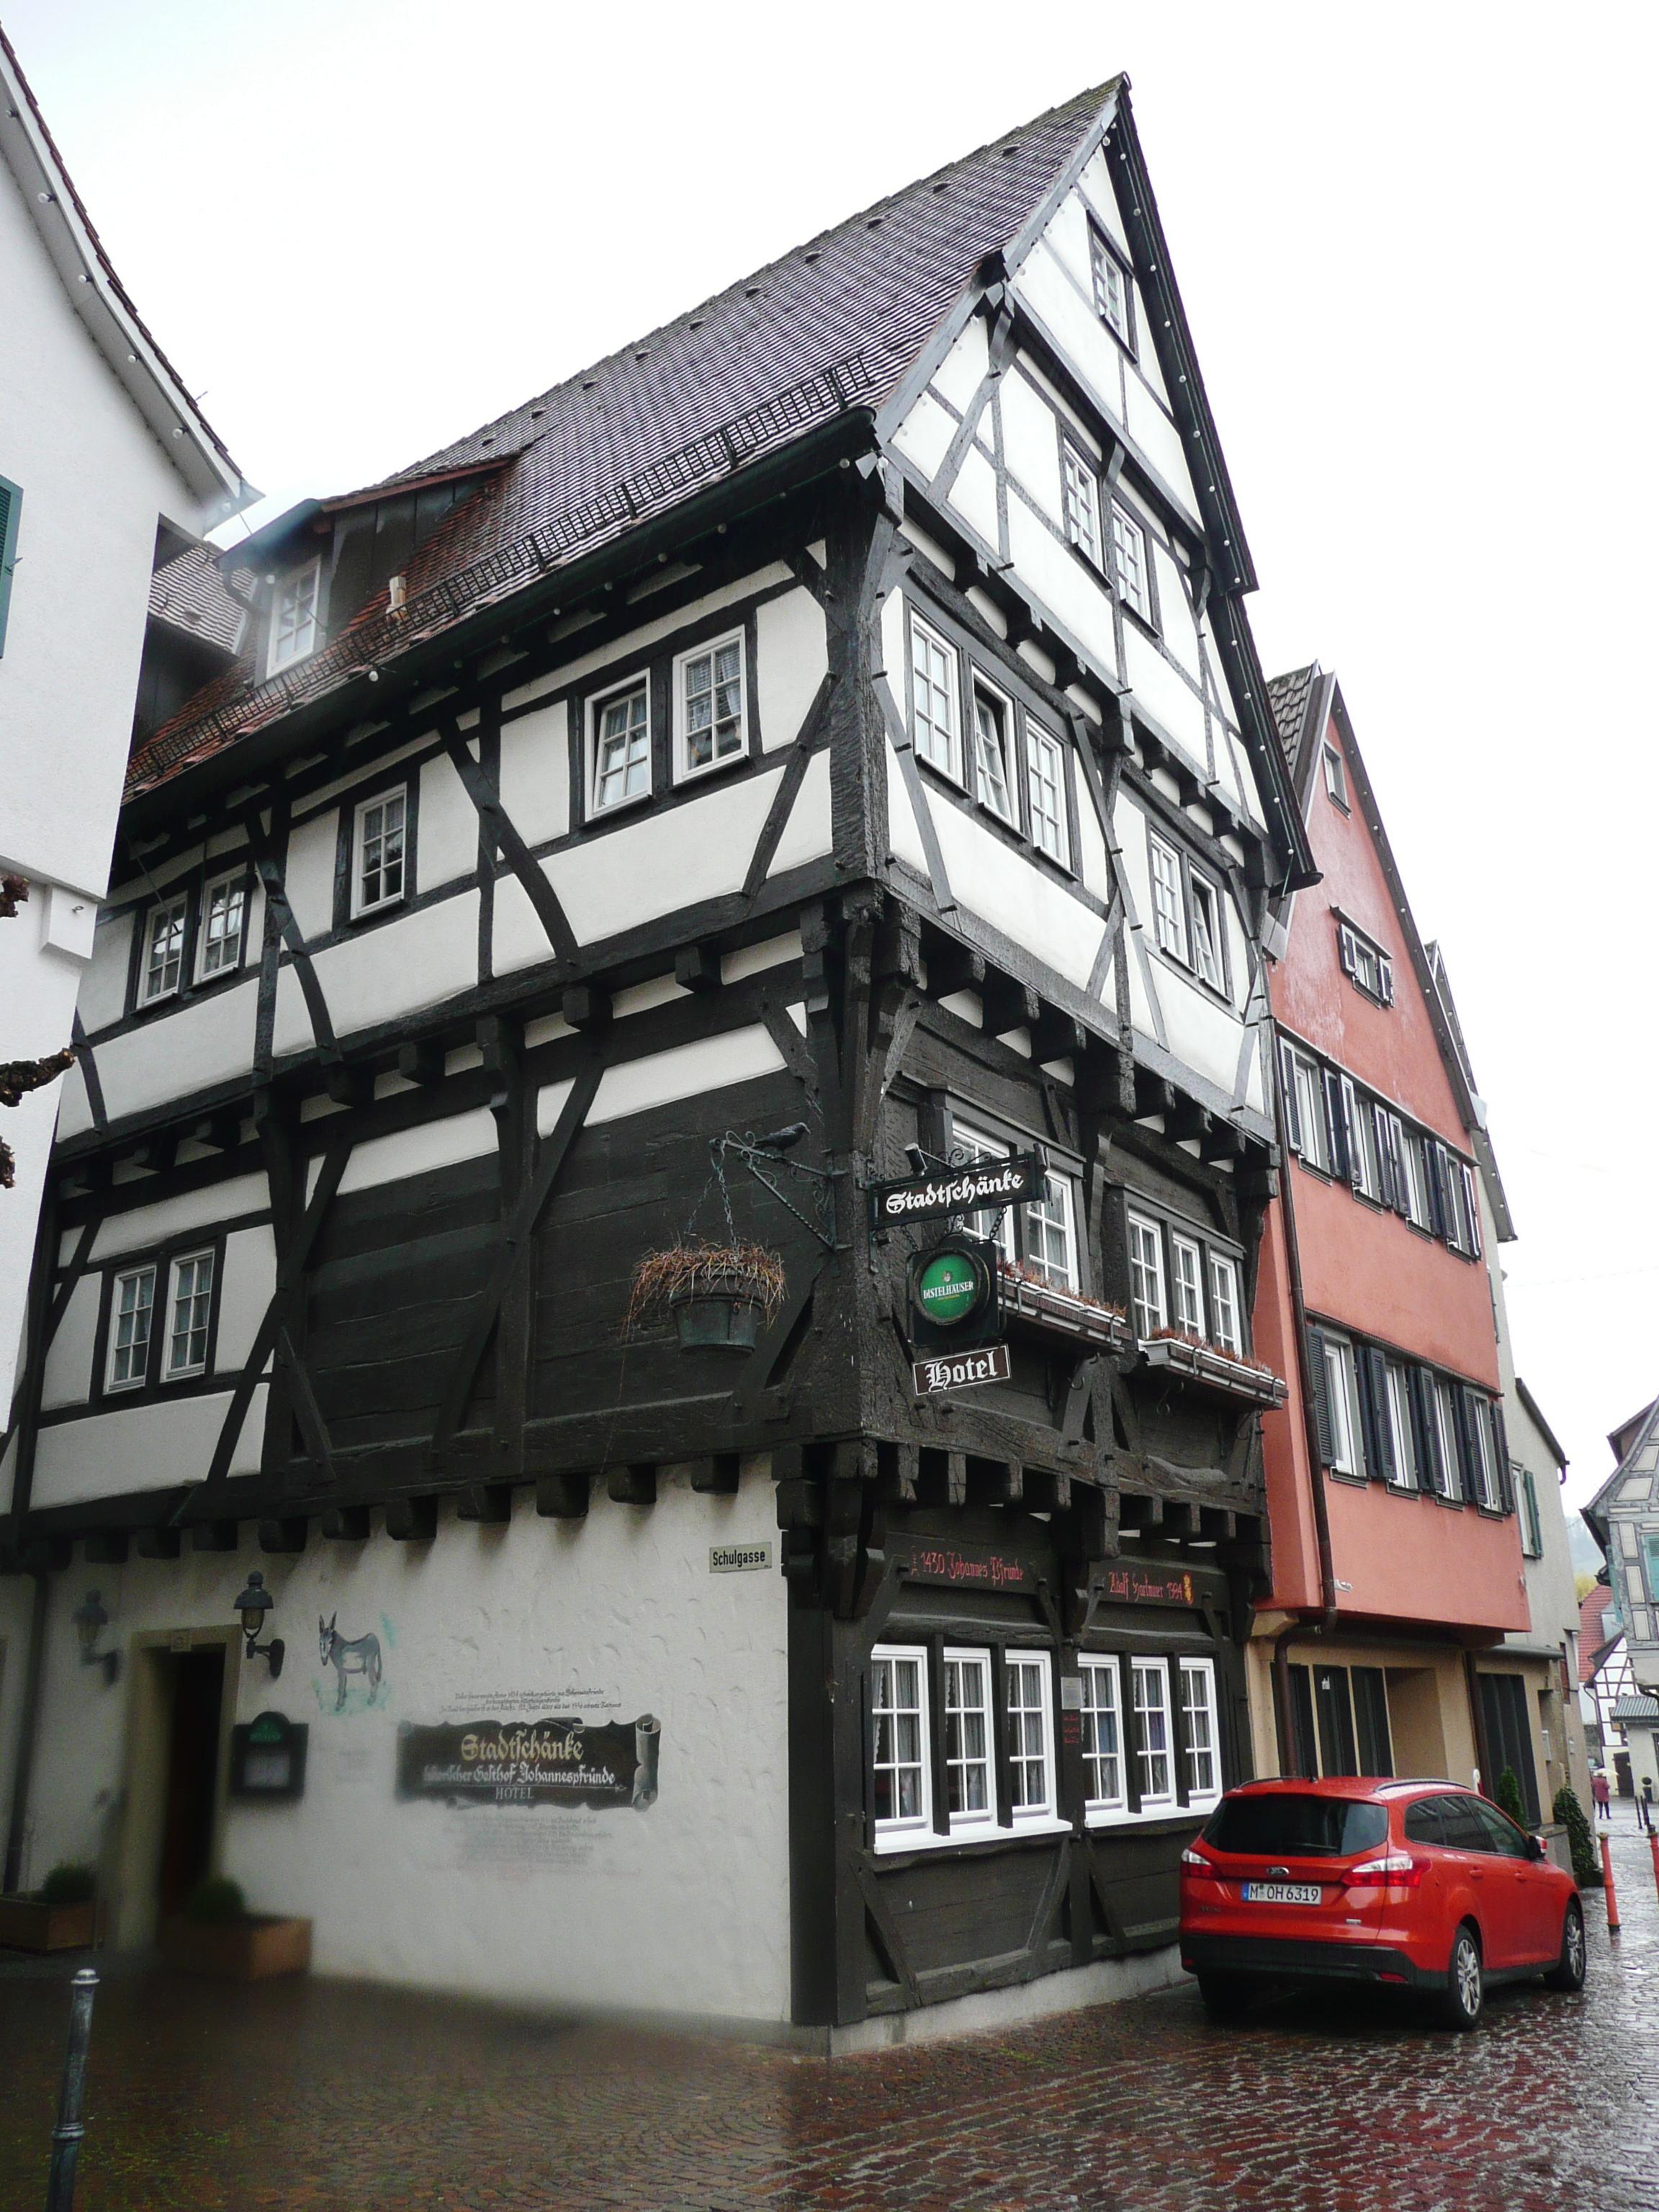 File:Großbottwar, Stadtschänke, historischer Gasthof Johannespfründe ...